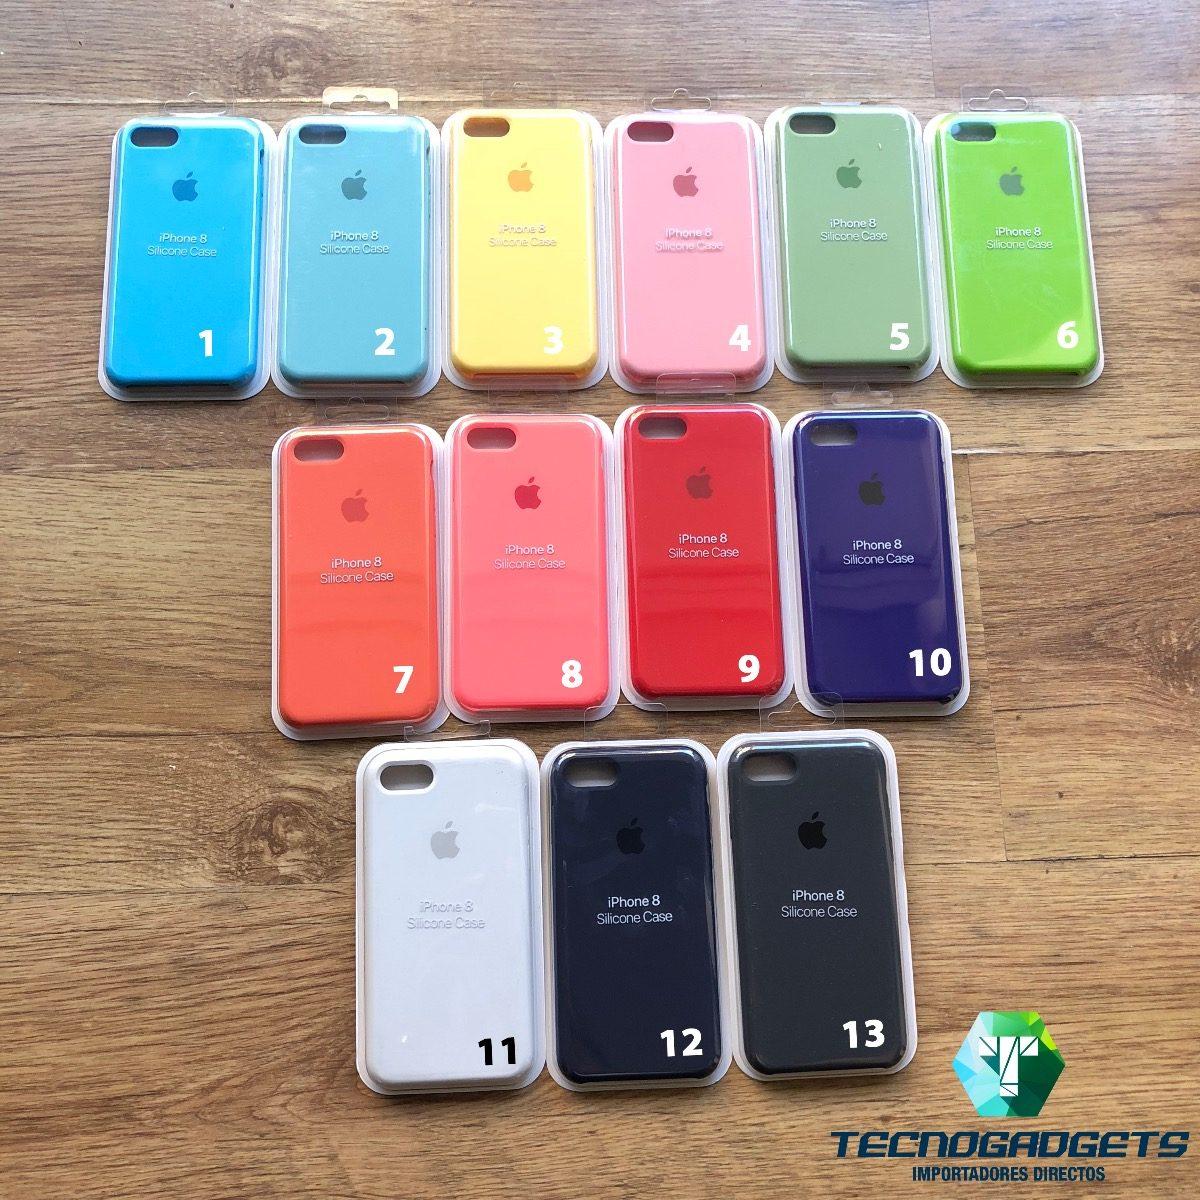 baratas para descuento mas fiable elige auténtico Fundas Apple Silicona Case Rosa iPhone 7 8 Plus Cañitas